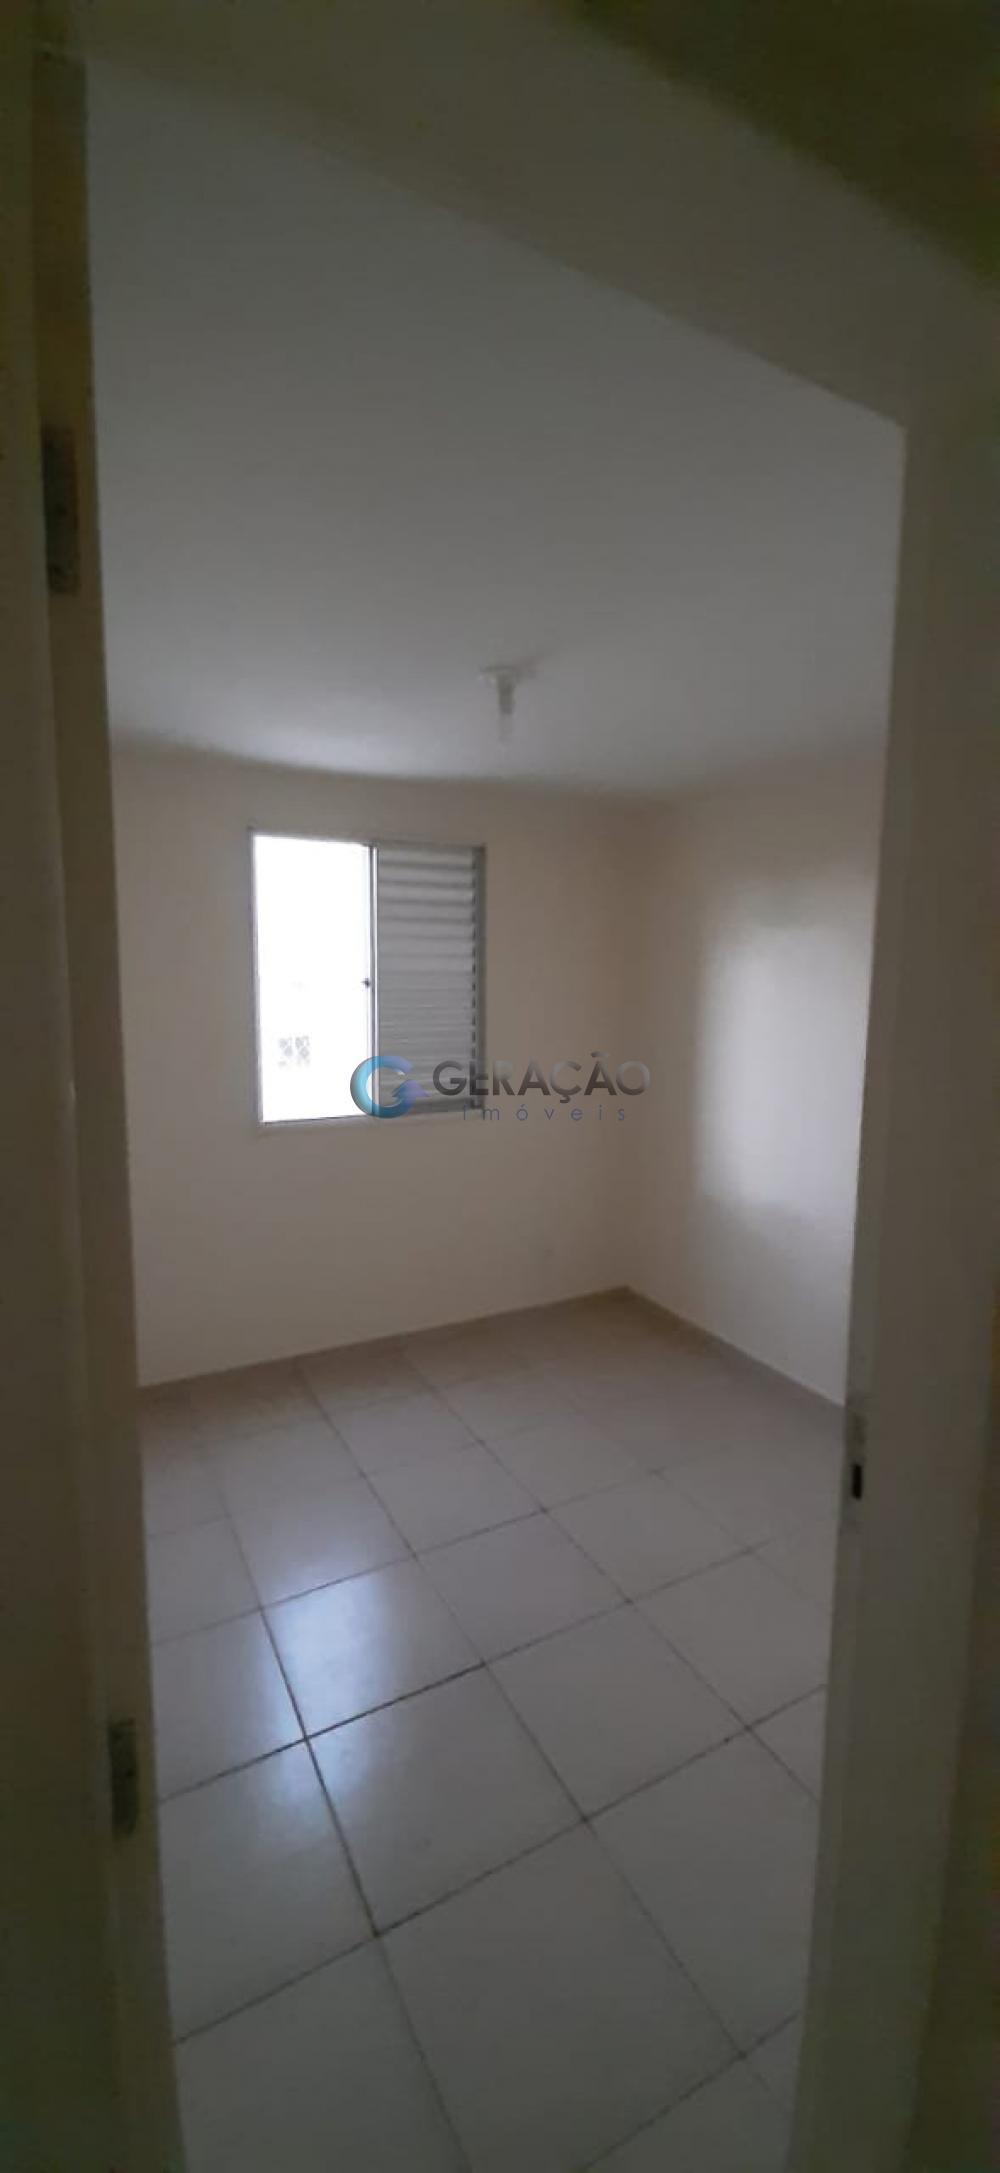 Comprar Apartamento / Padrão em São José dos Campos apenas R$ 270.000,00 - Foto 7